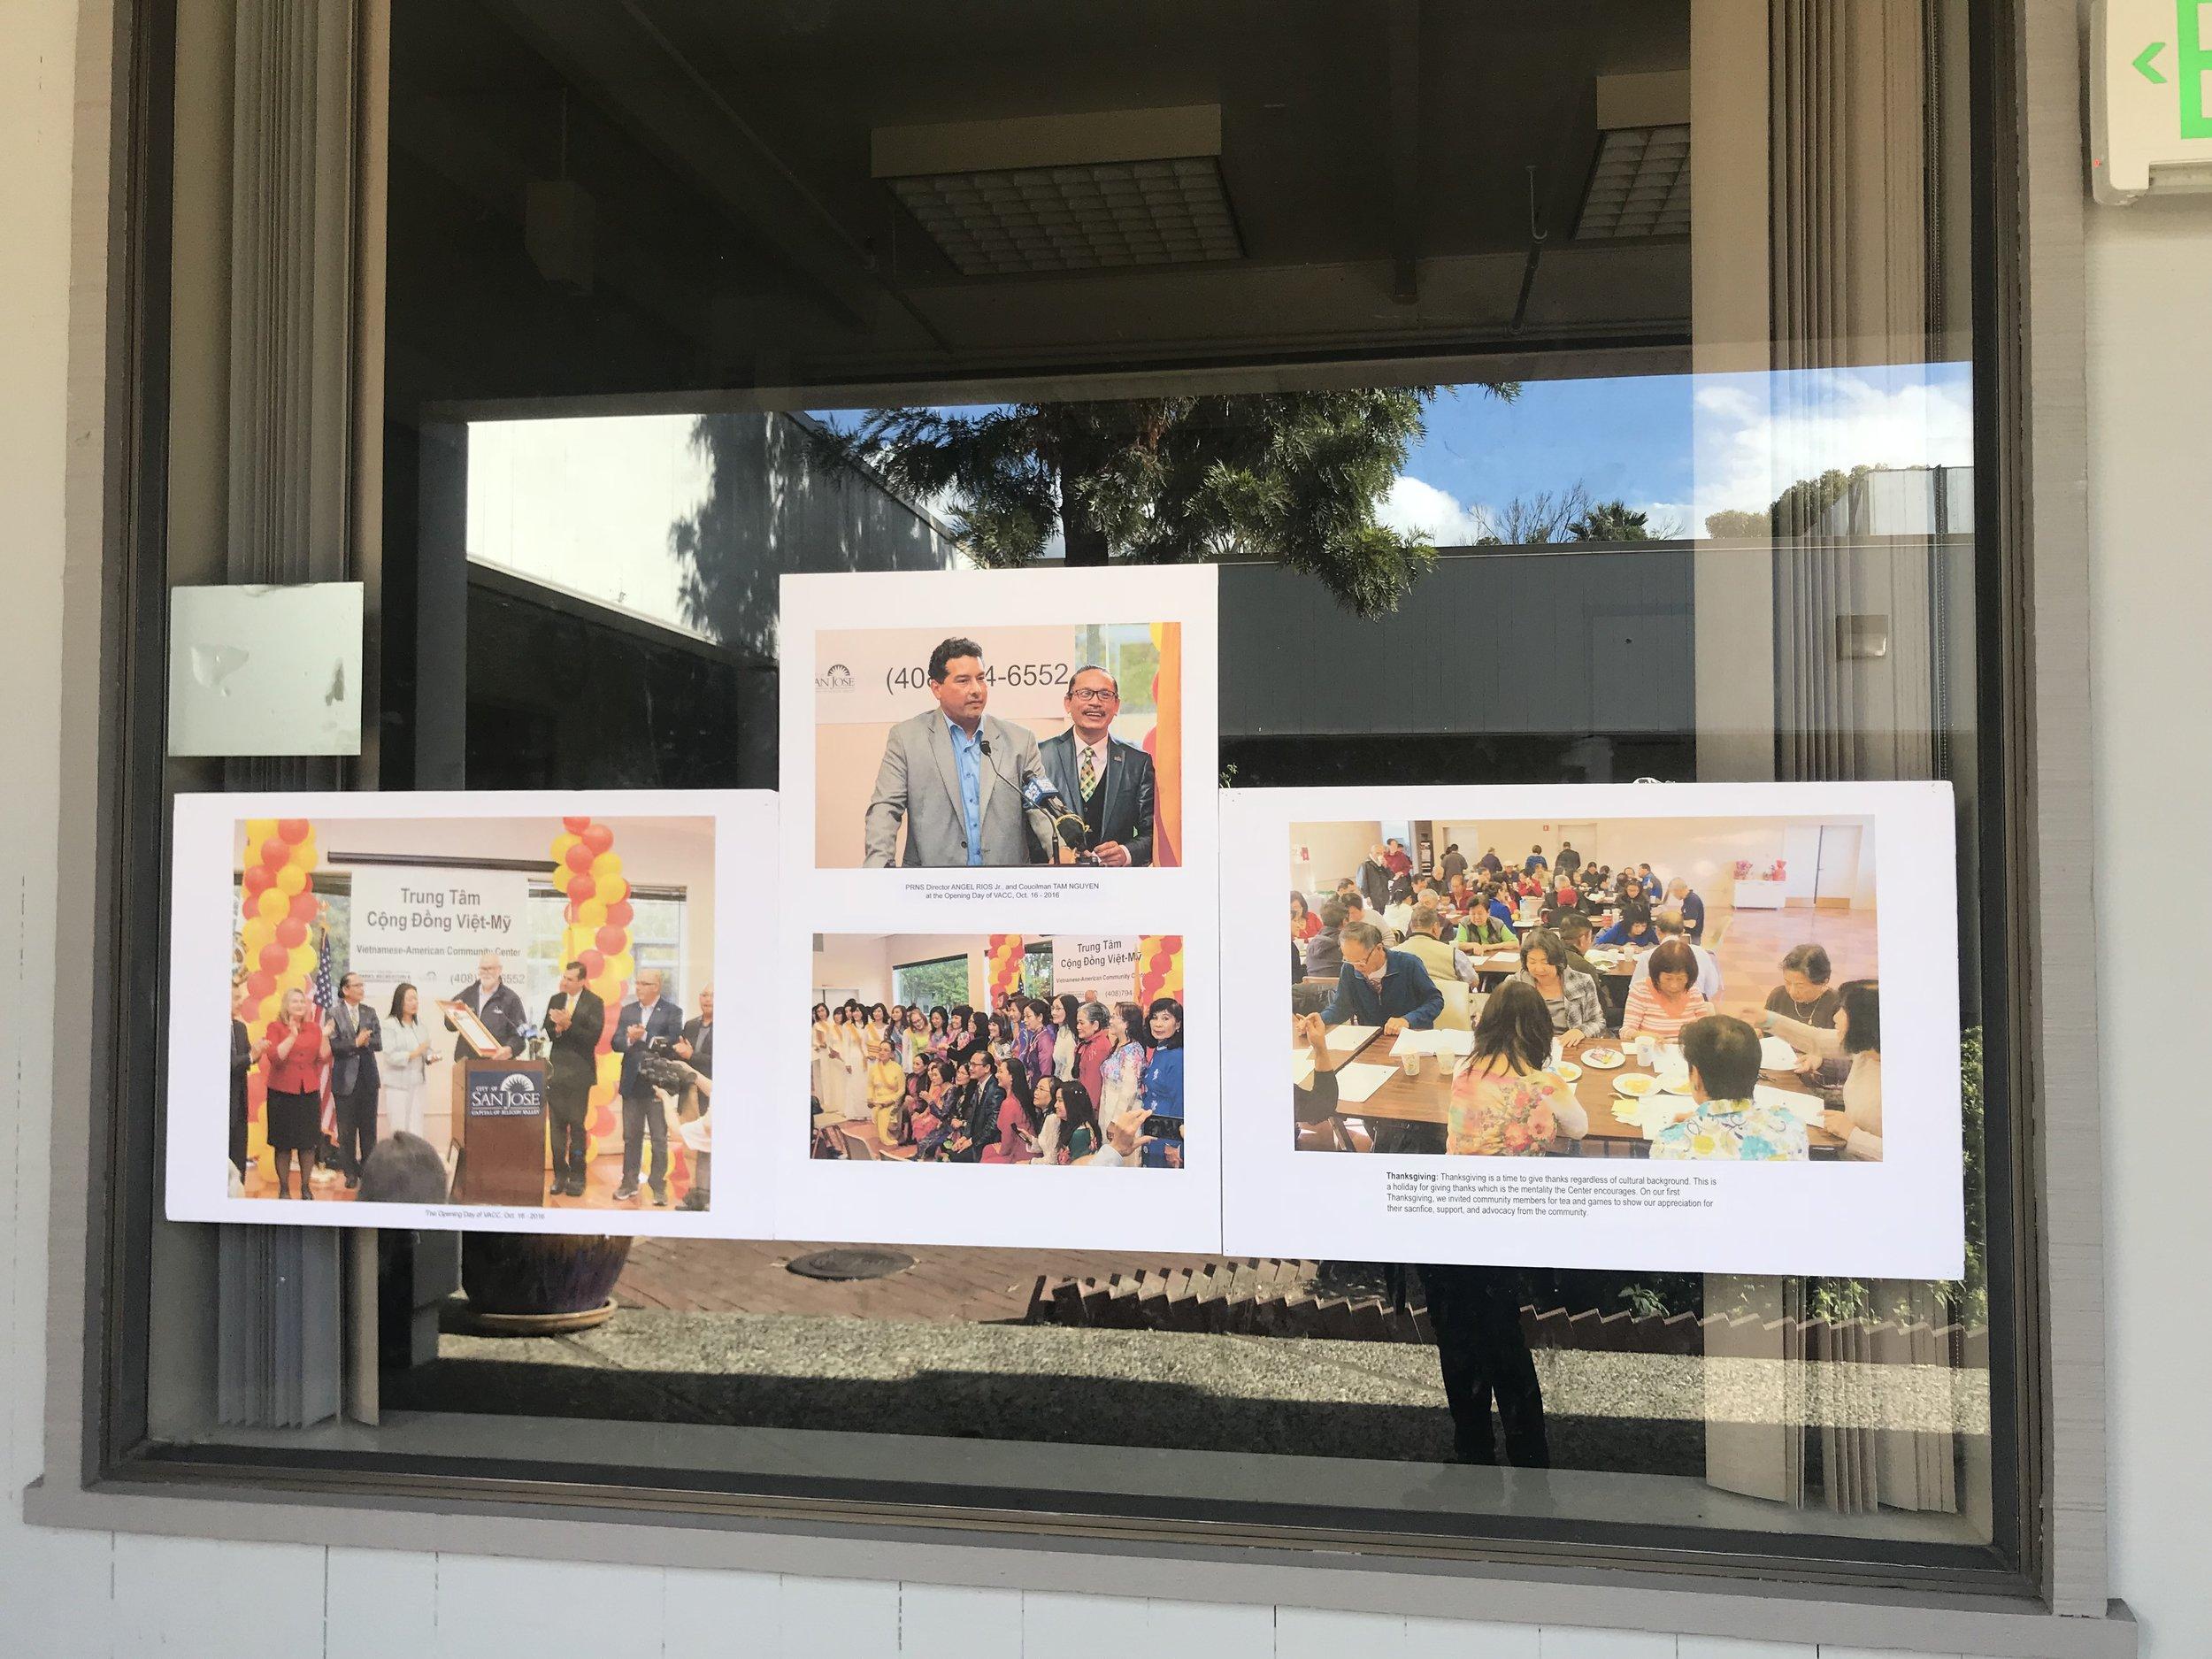 Hình ảnh các sinh hoạt tại Trung Tâm Văn Hóa Việt Mỹ.